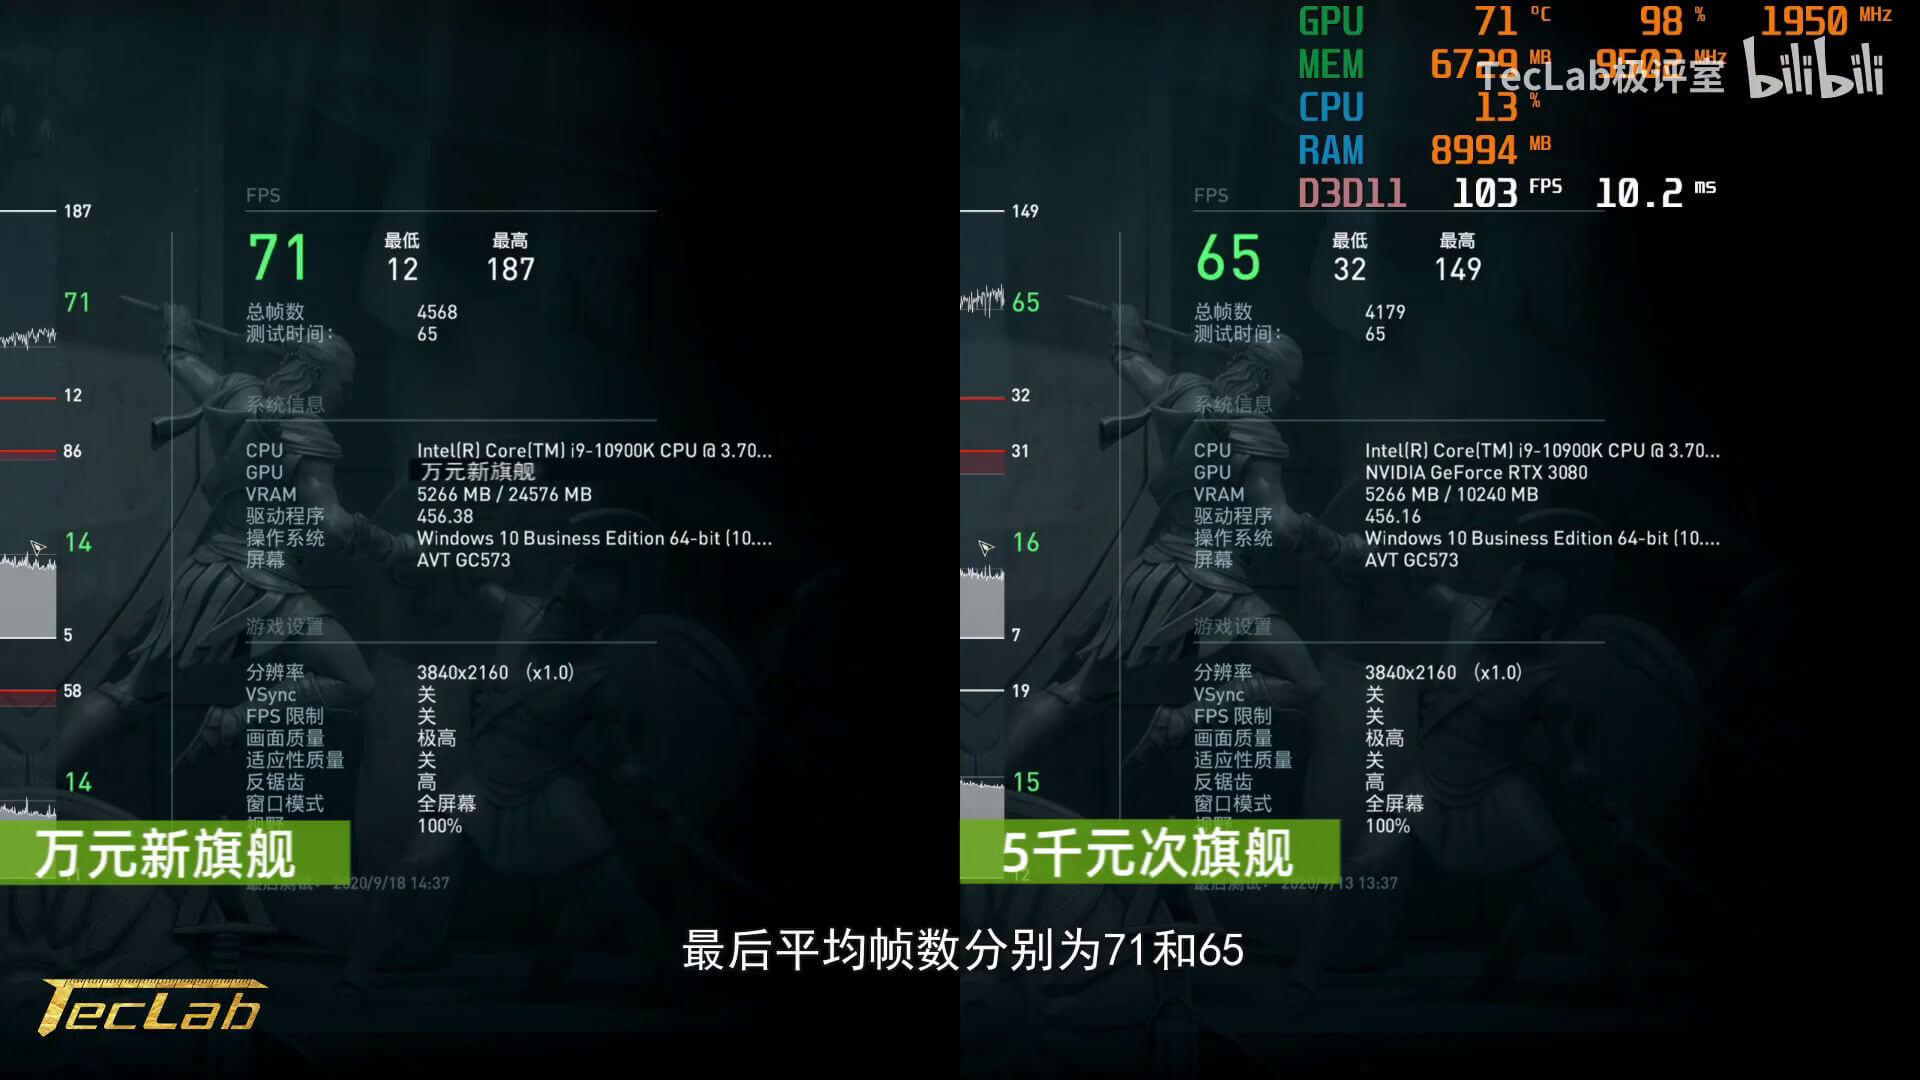 NVIDIA RTX3090 leaked benchmarks-5